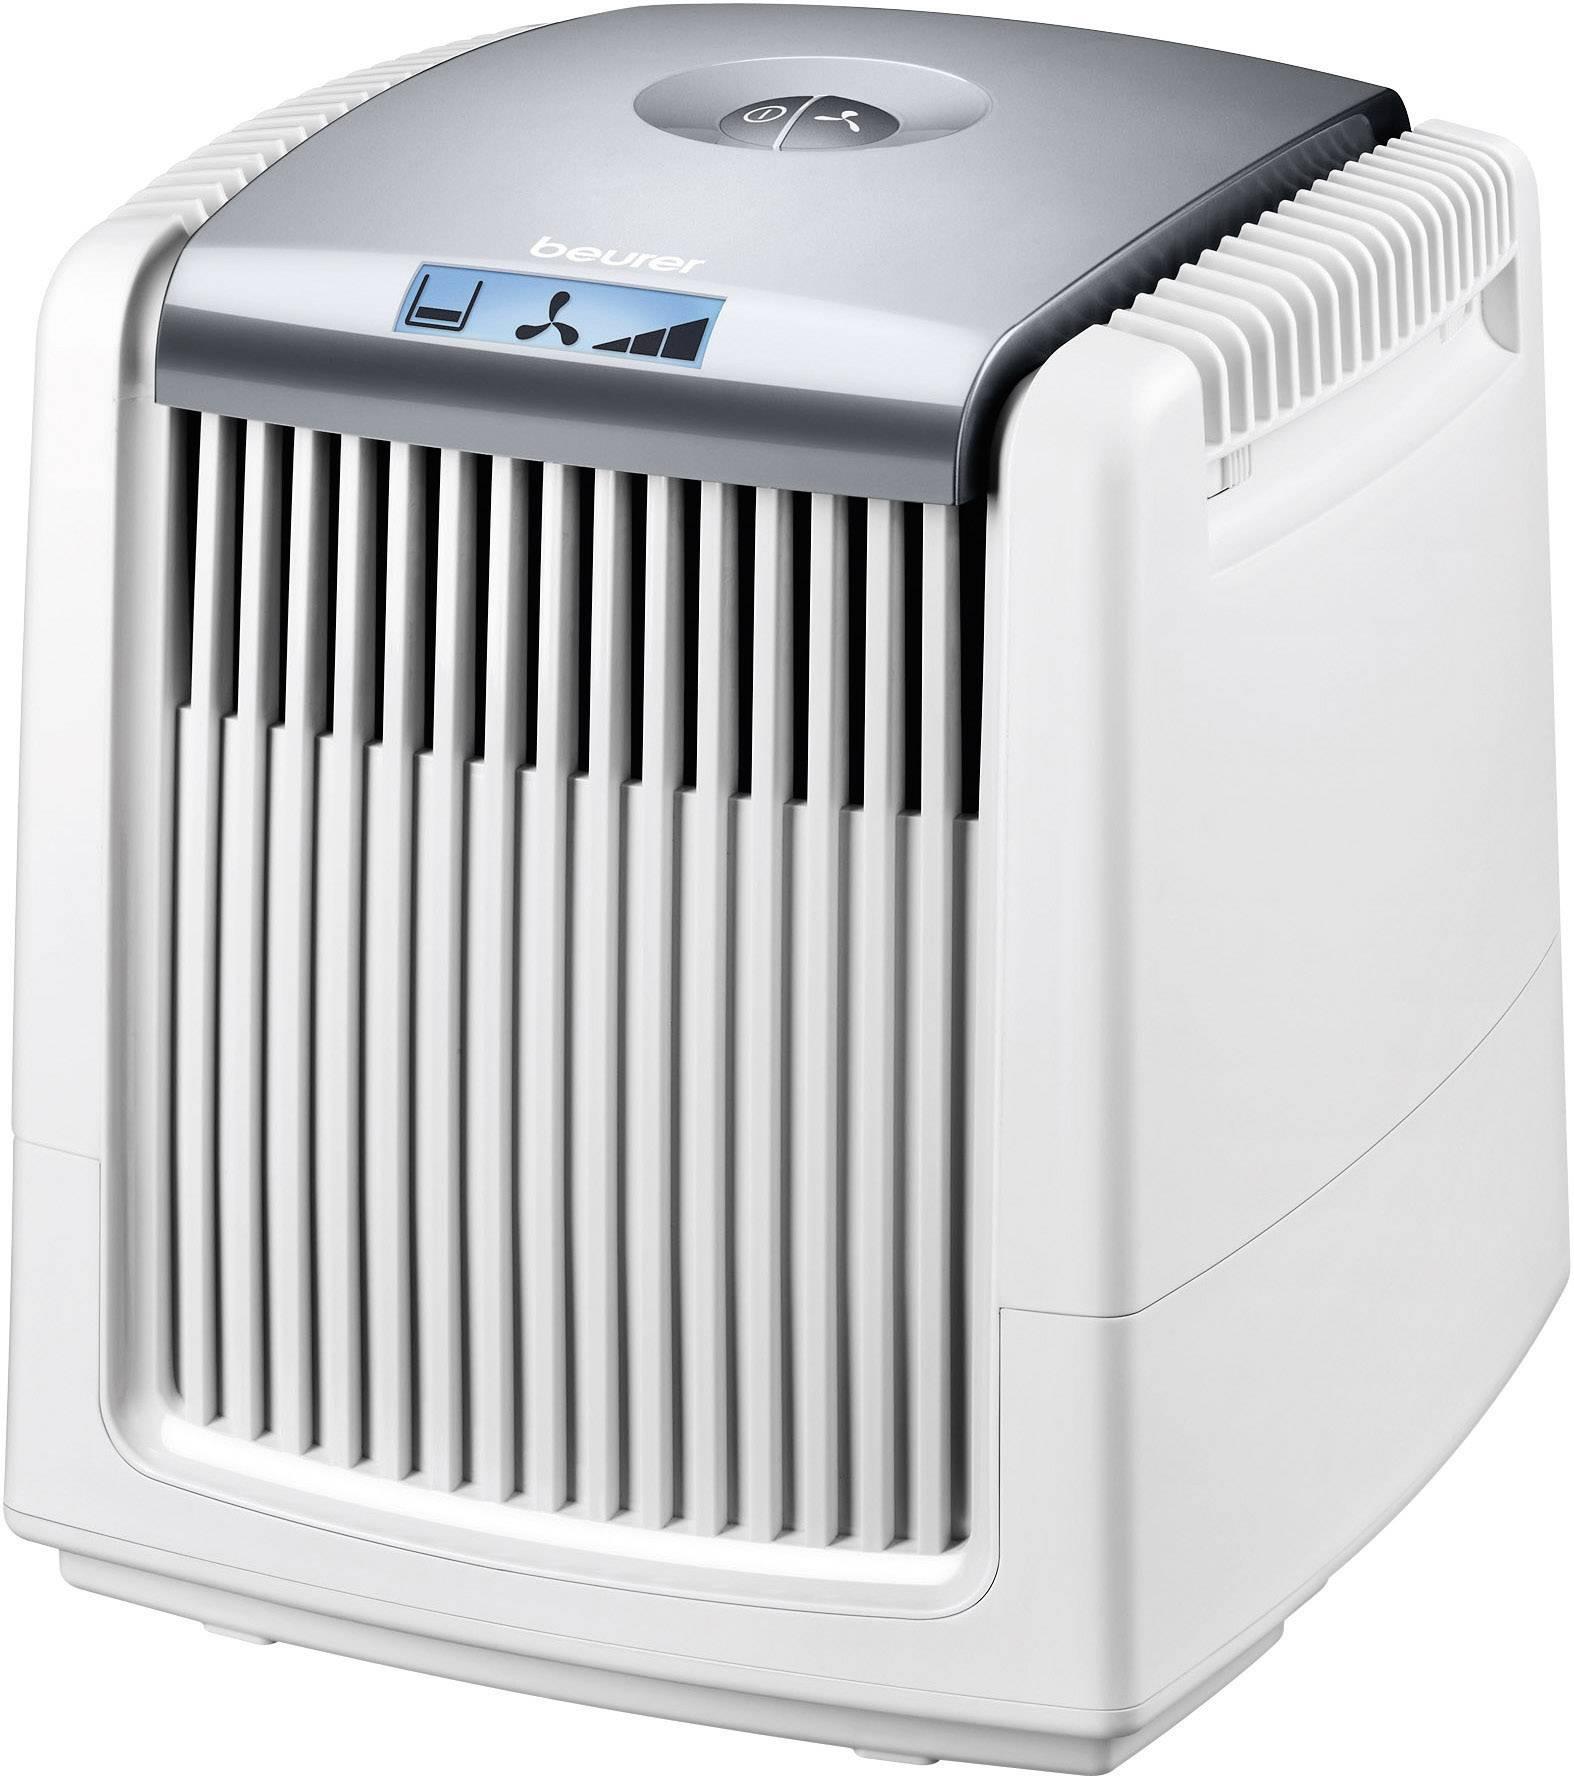 Čistička vzduchu Beurer LW110 biela